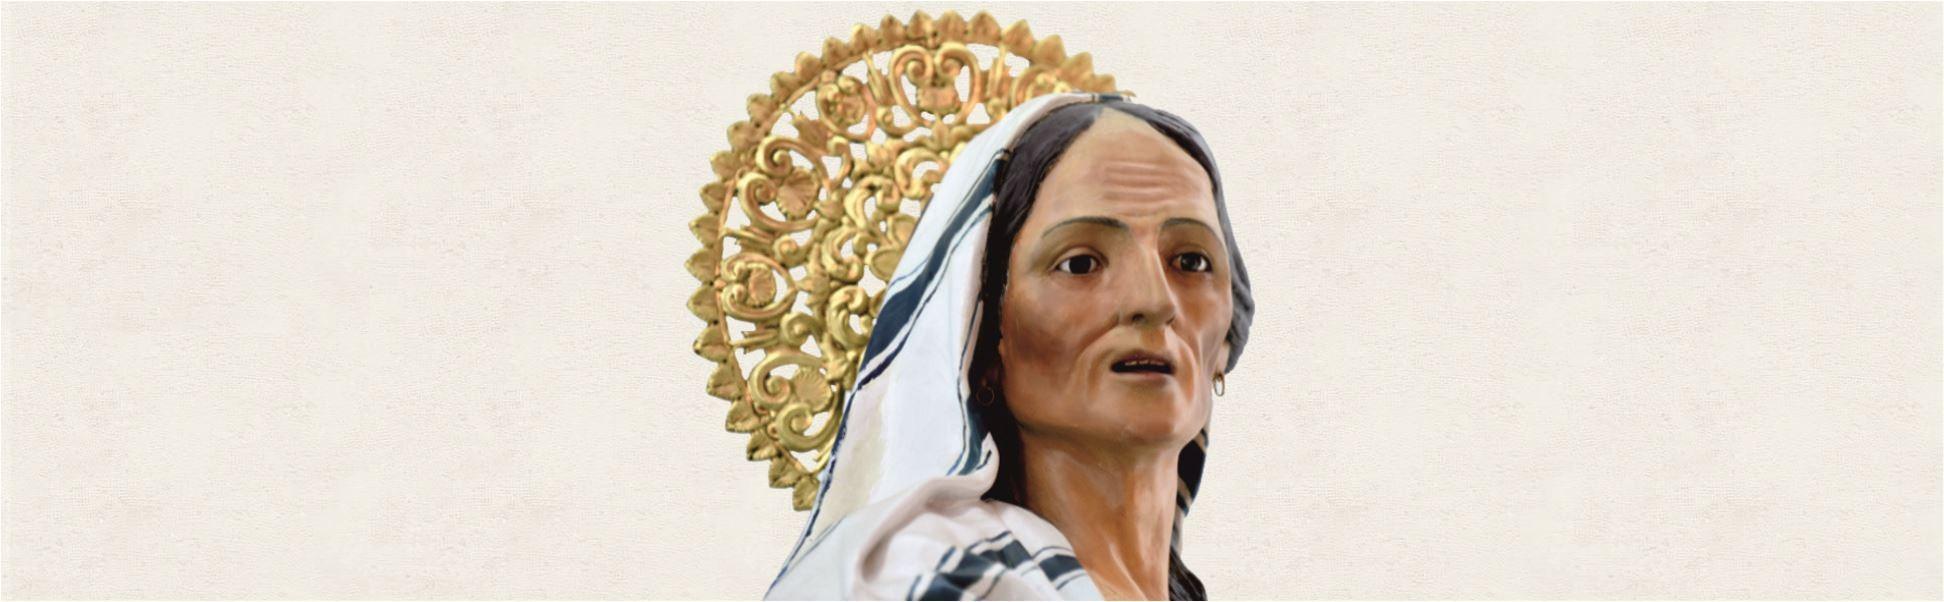 Benignissima Sant'Anna - Patrona di Caserta